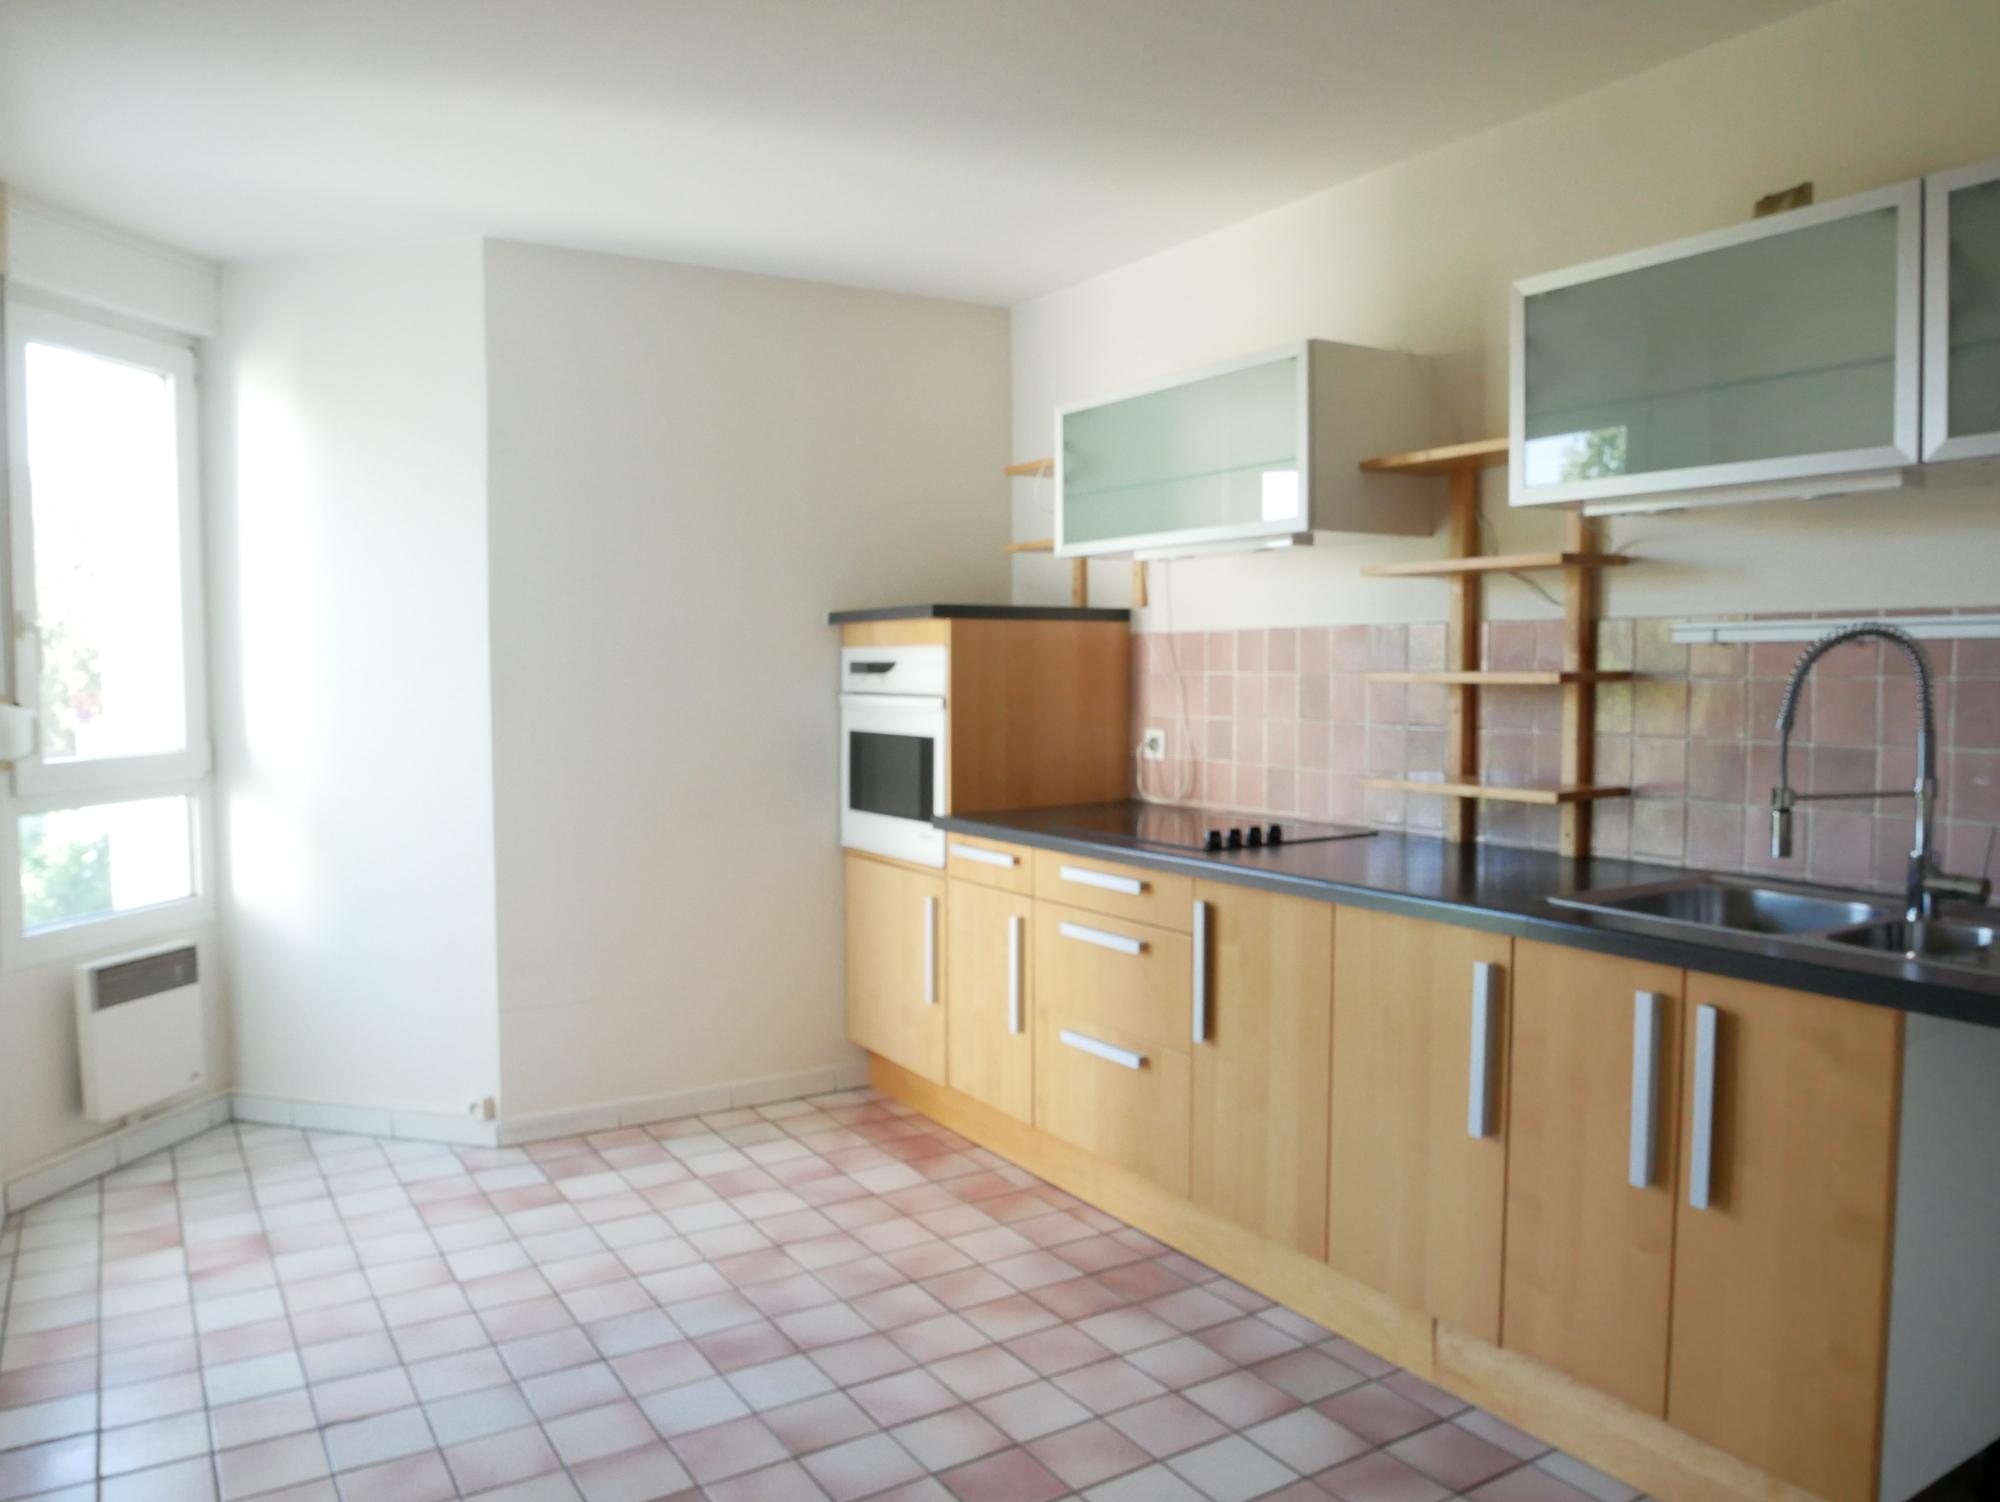 [Urbain] Grand 3 pièces - Neudorf / rue Saint-Urbain - nos locations - Beausite Immobilier 3